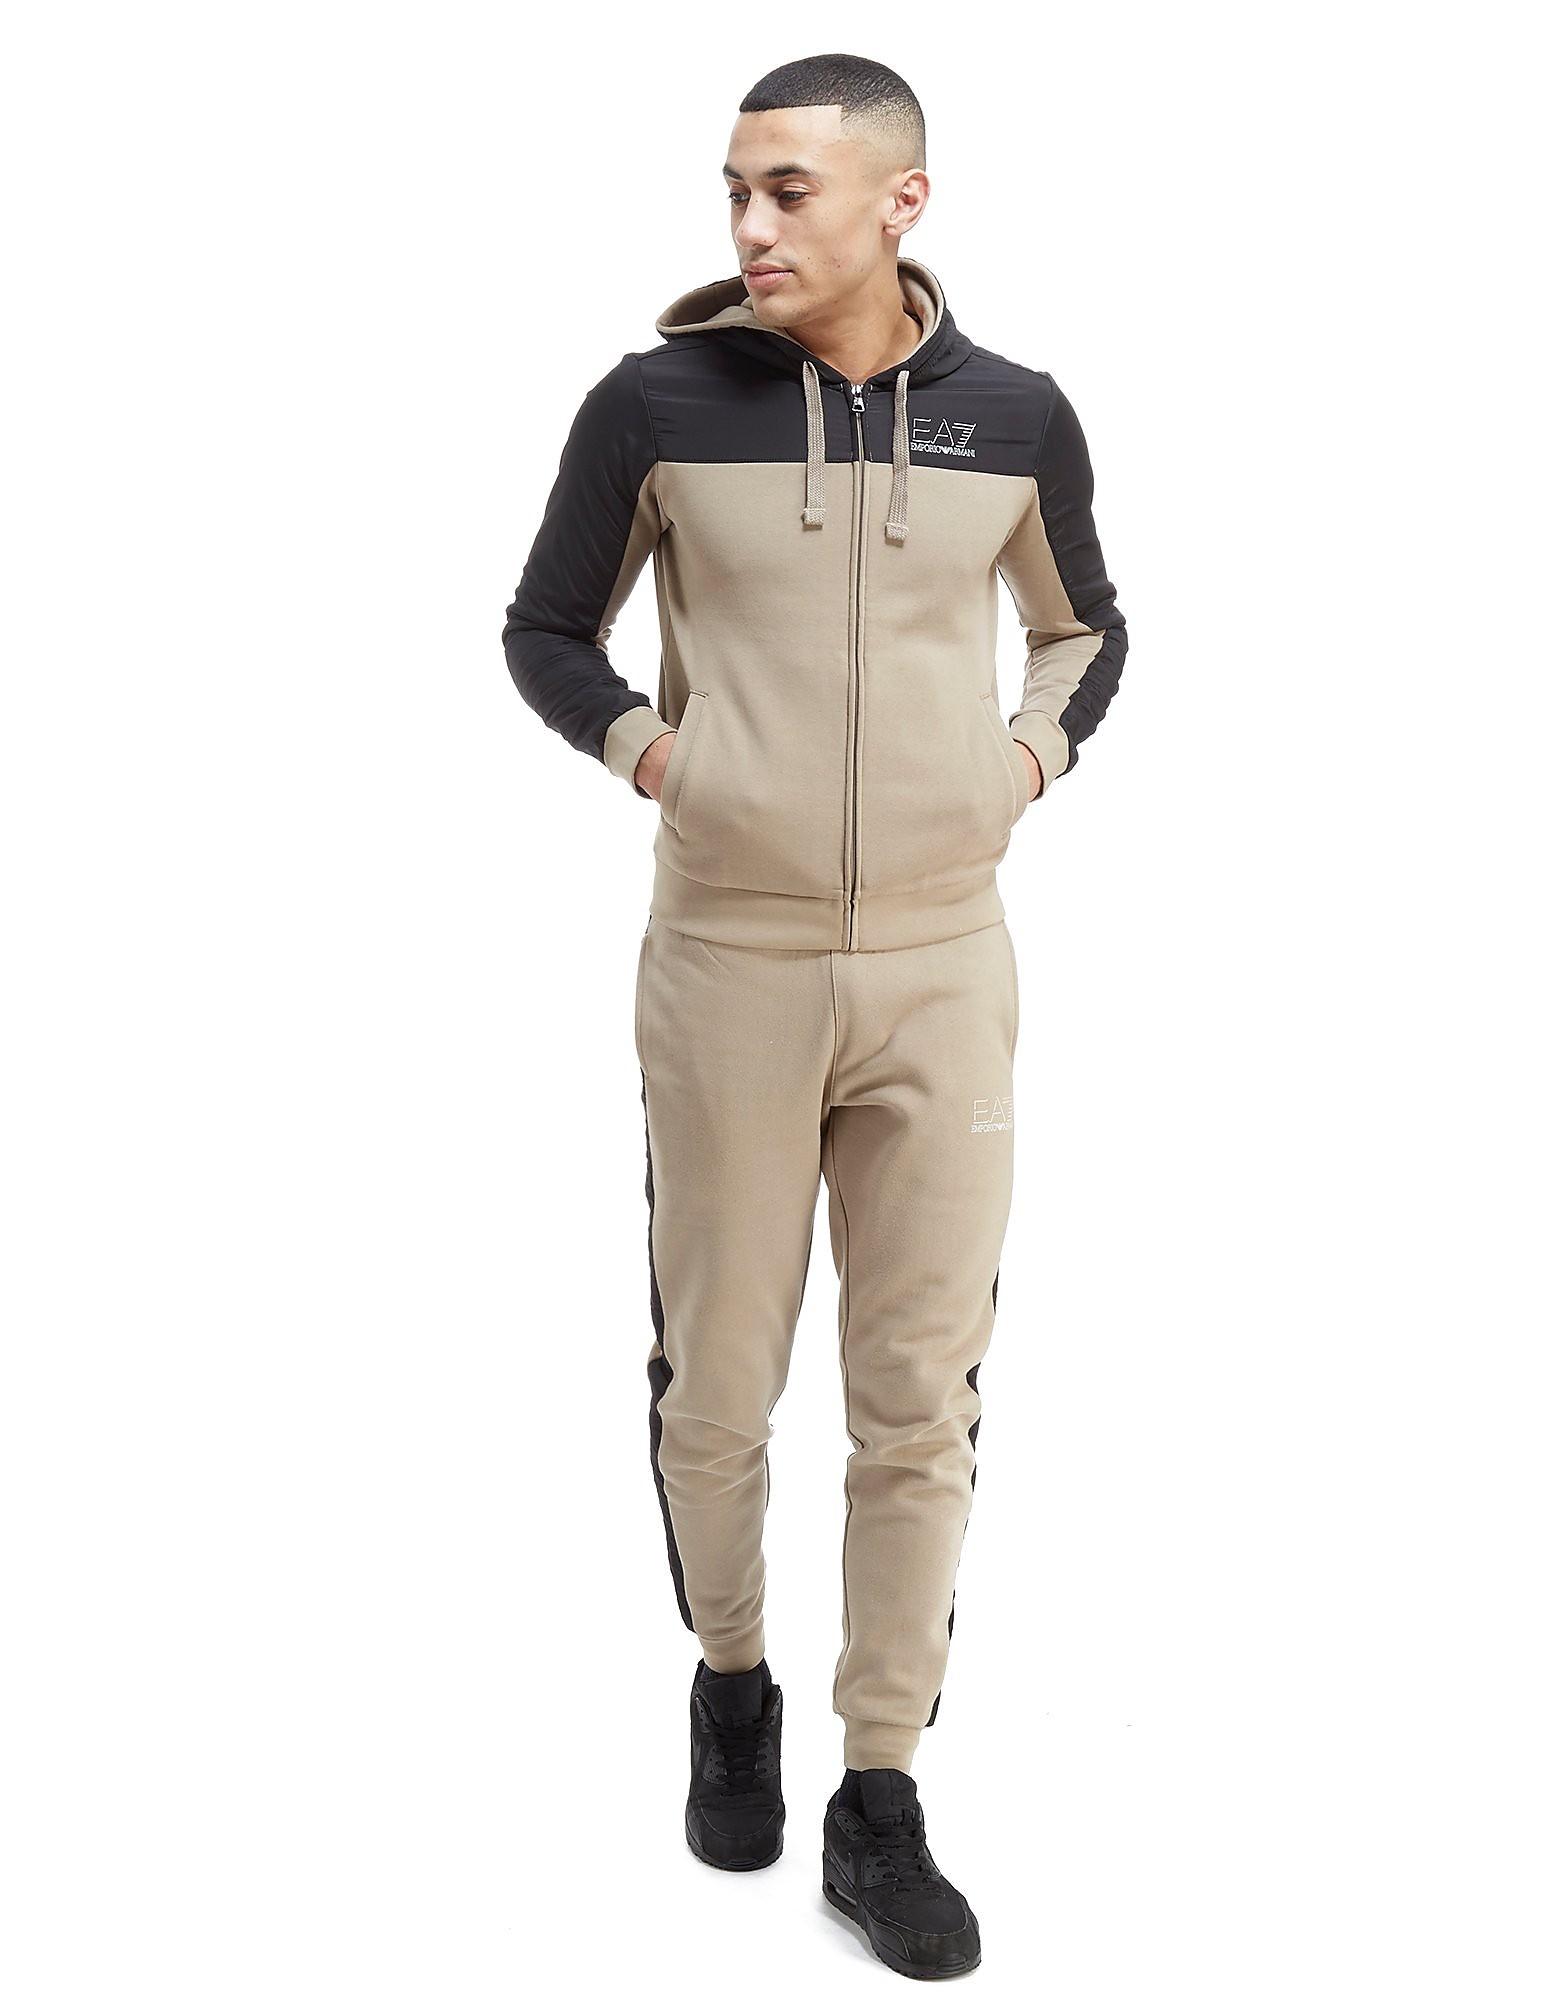 Emporio Armani EA7 Colourblock Suit